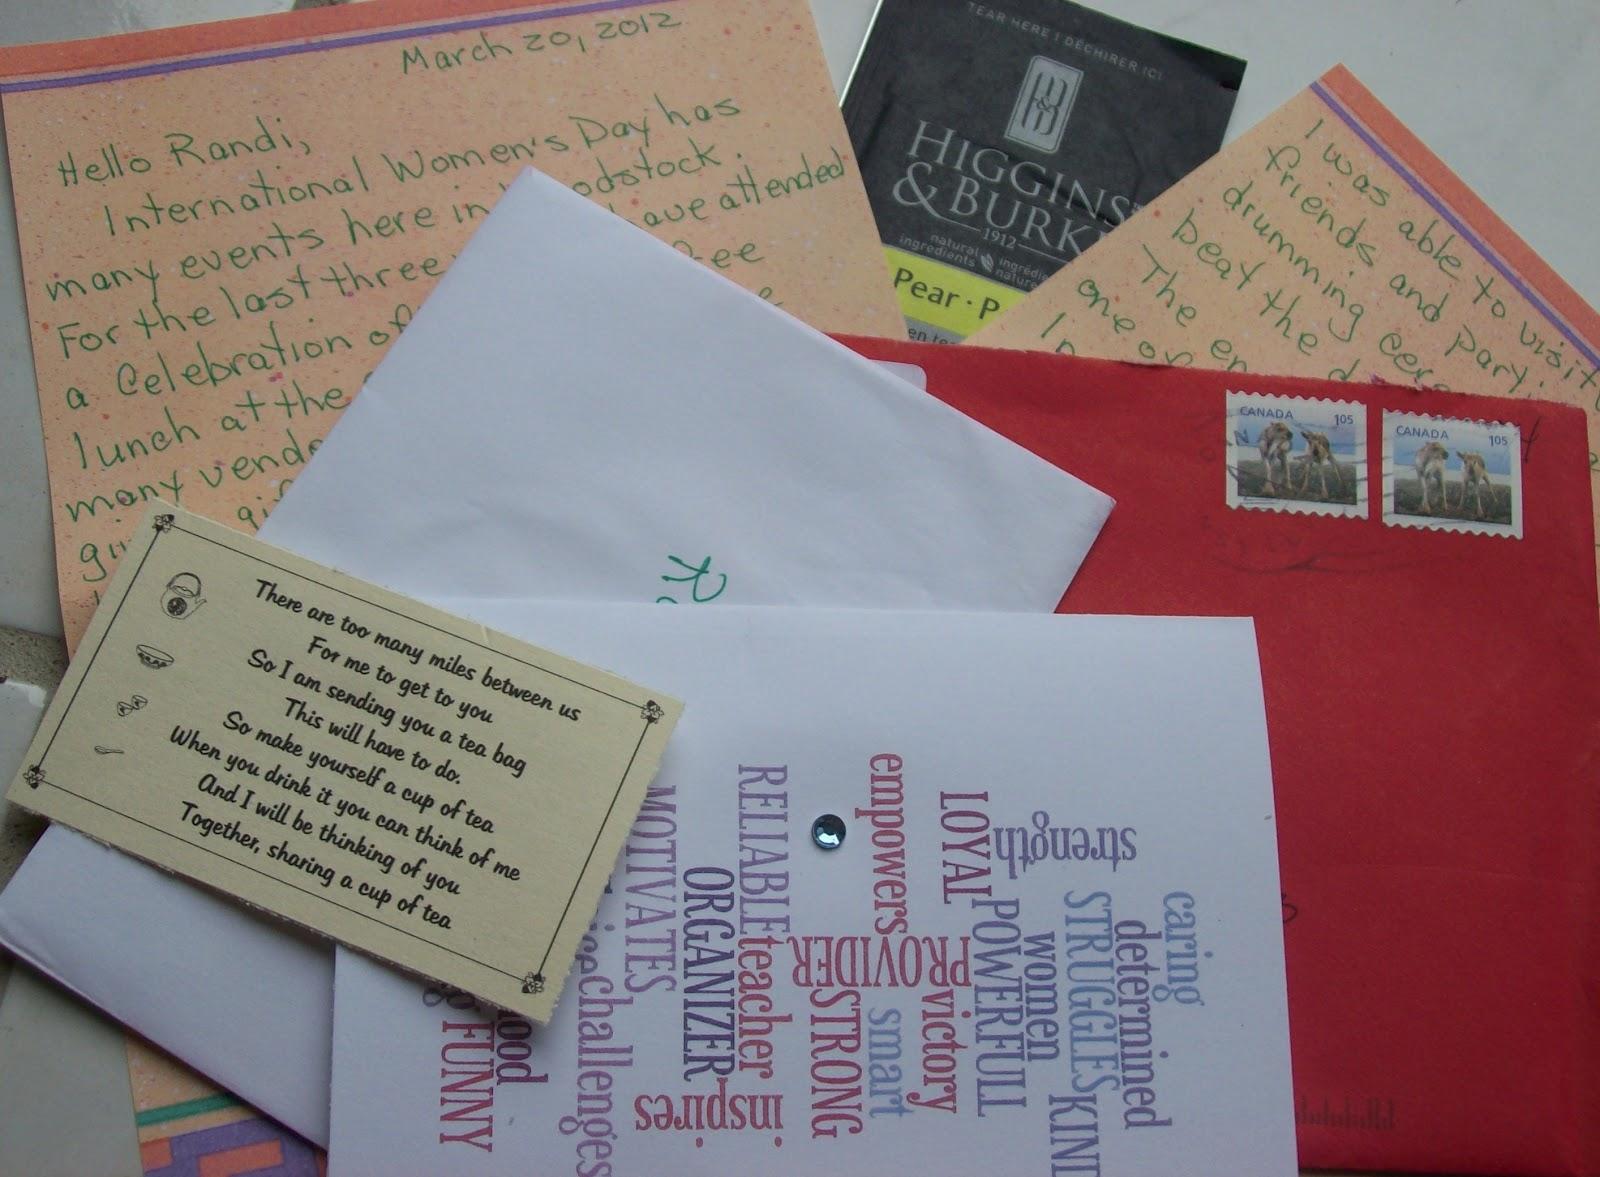 My Happy Mailbox: Friday Mail!